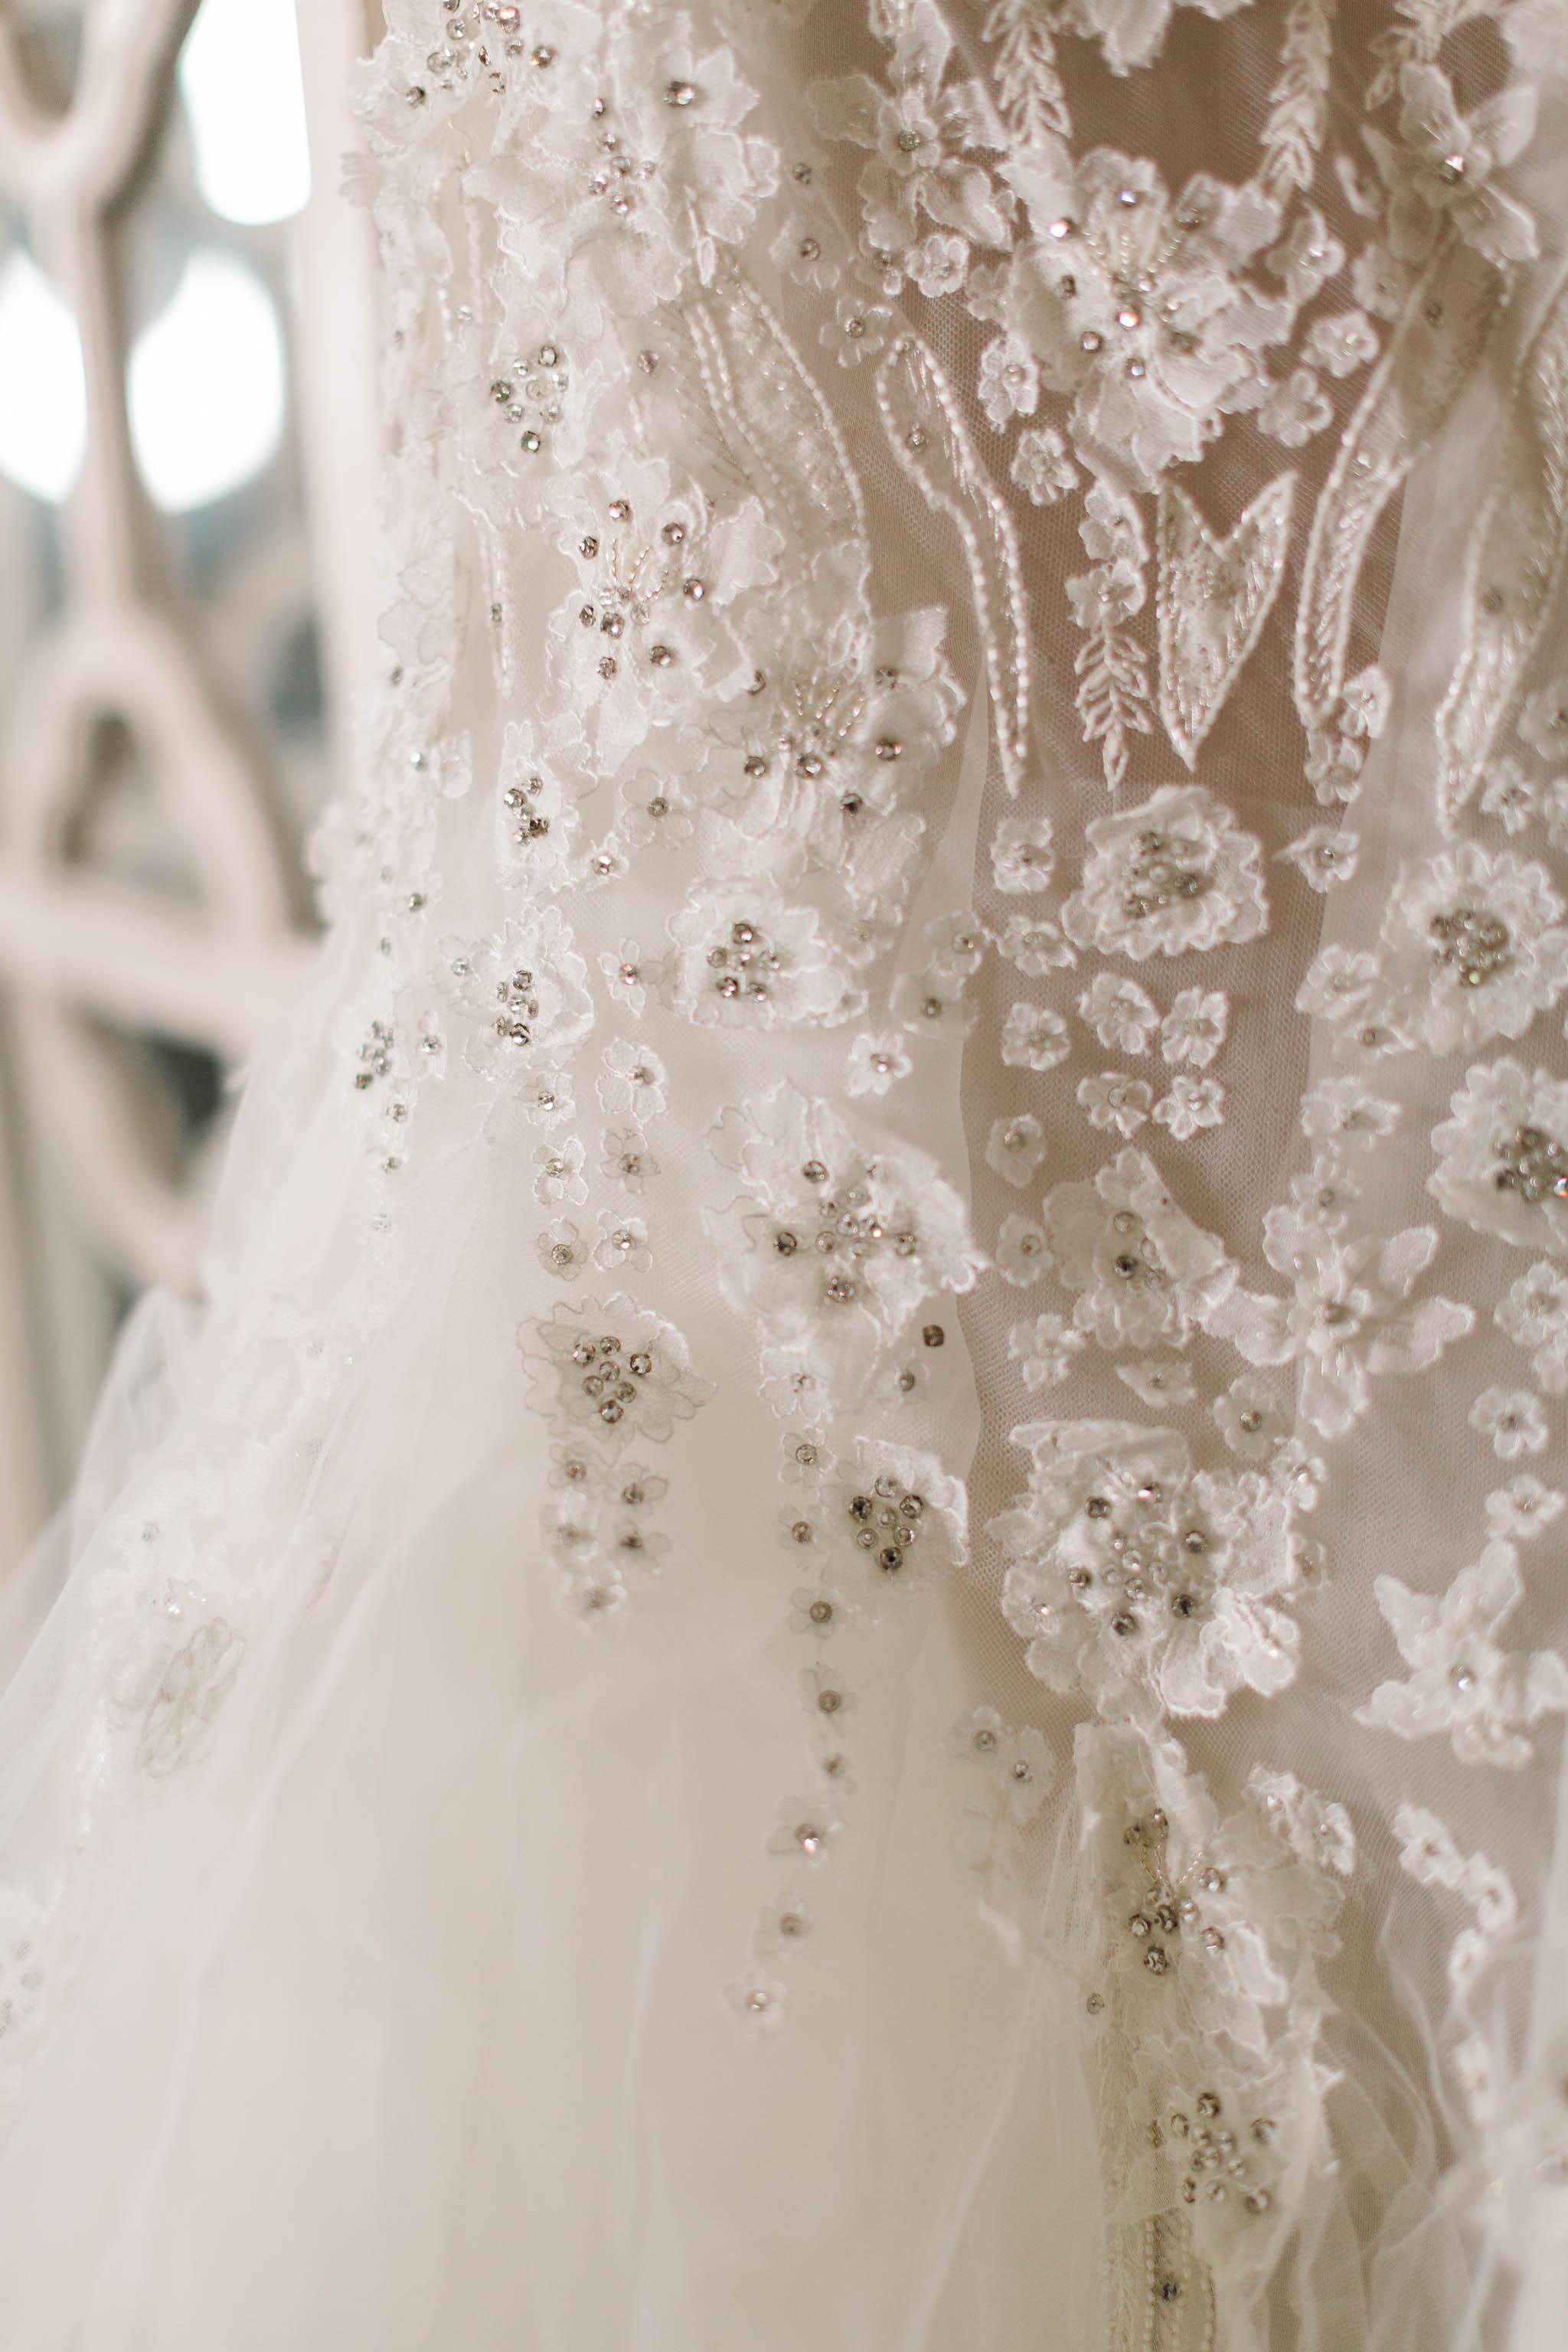 pronovias dress detailing